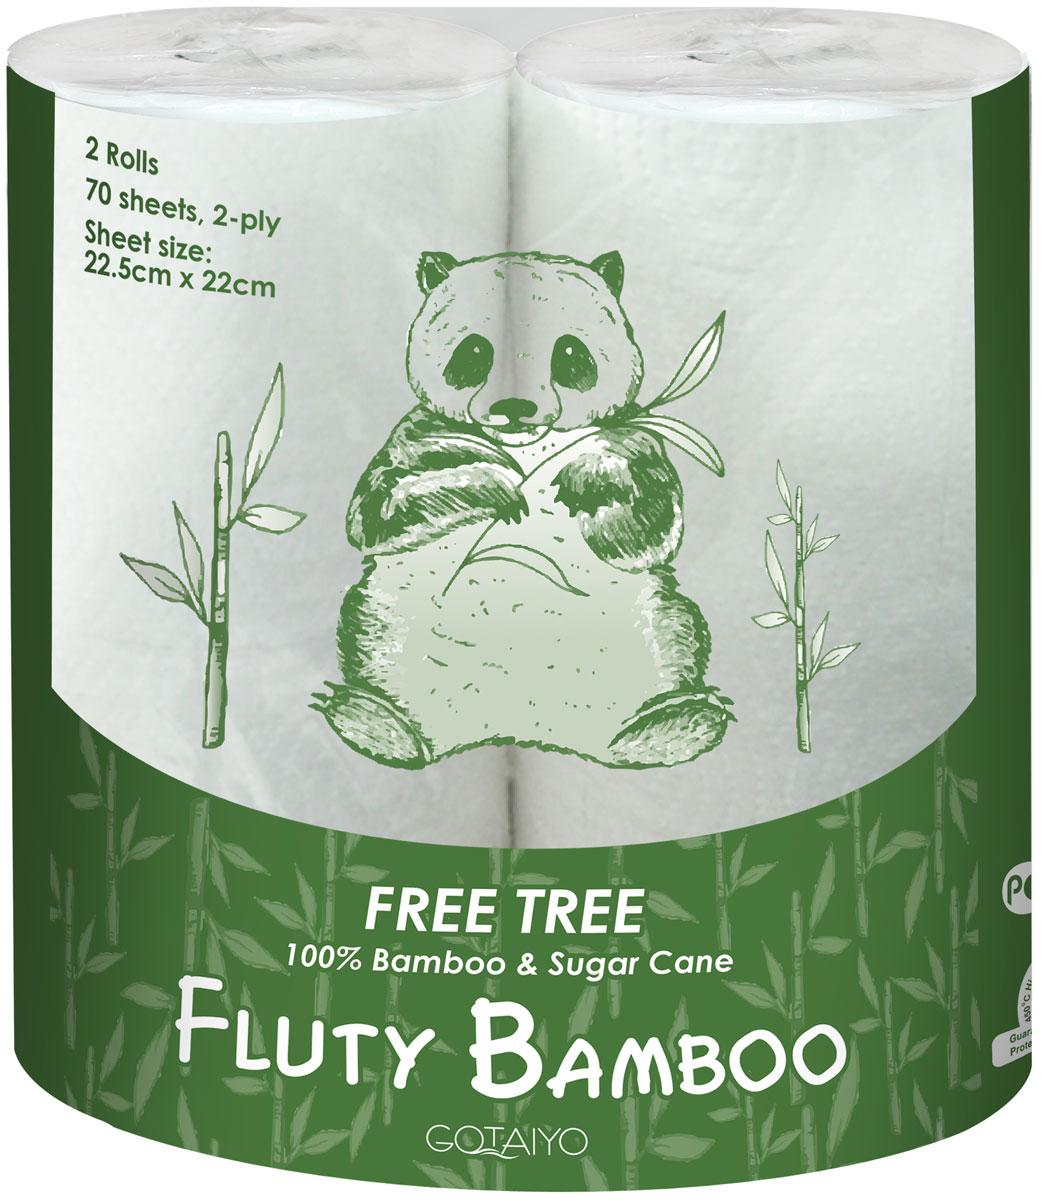 Полотенца бумажные Gotaiyo Fluty, двухслойные, цвет: белый, 2 рулона20145gtДвухслойные бумажные полотенца Fluty: - изготовлены из бамбуковой целлюлозы с добавлением волокон сахарного тростника,- не содержит ОВА (флуоресцентных осветлителей),- первичная обработка бумаги при температуре 450°С - гарантия гигиены.